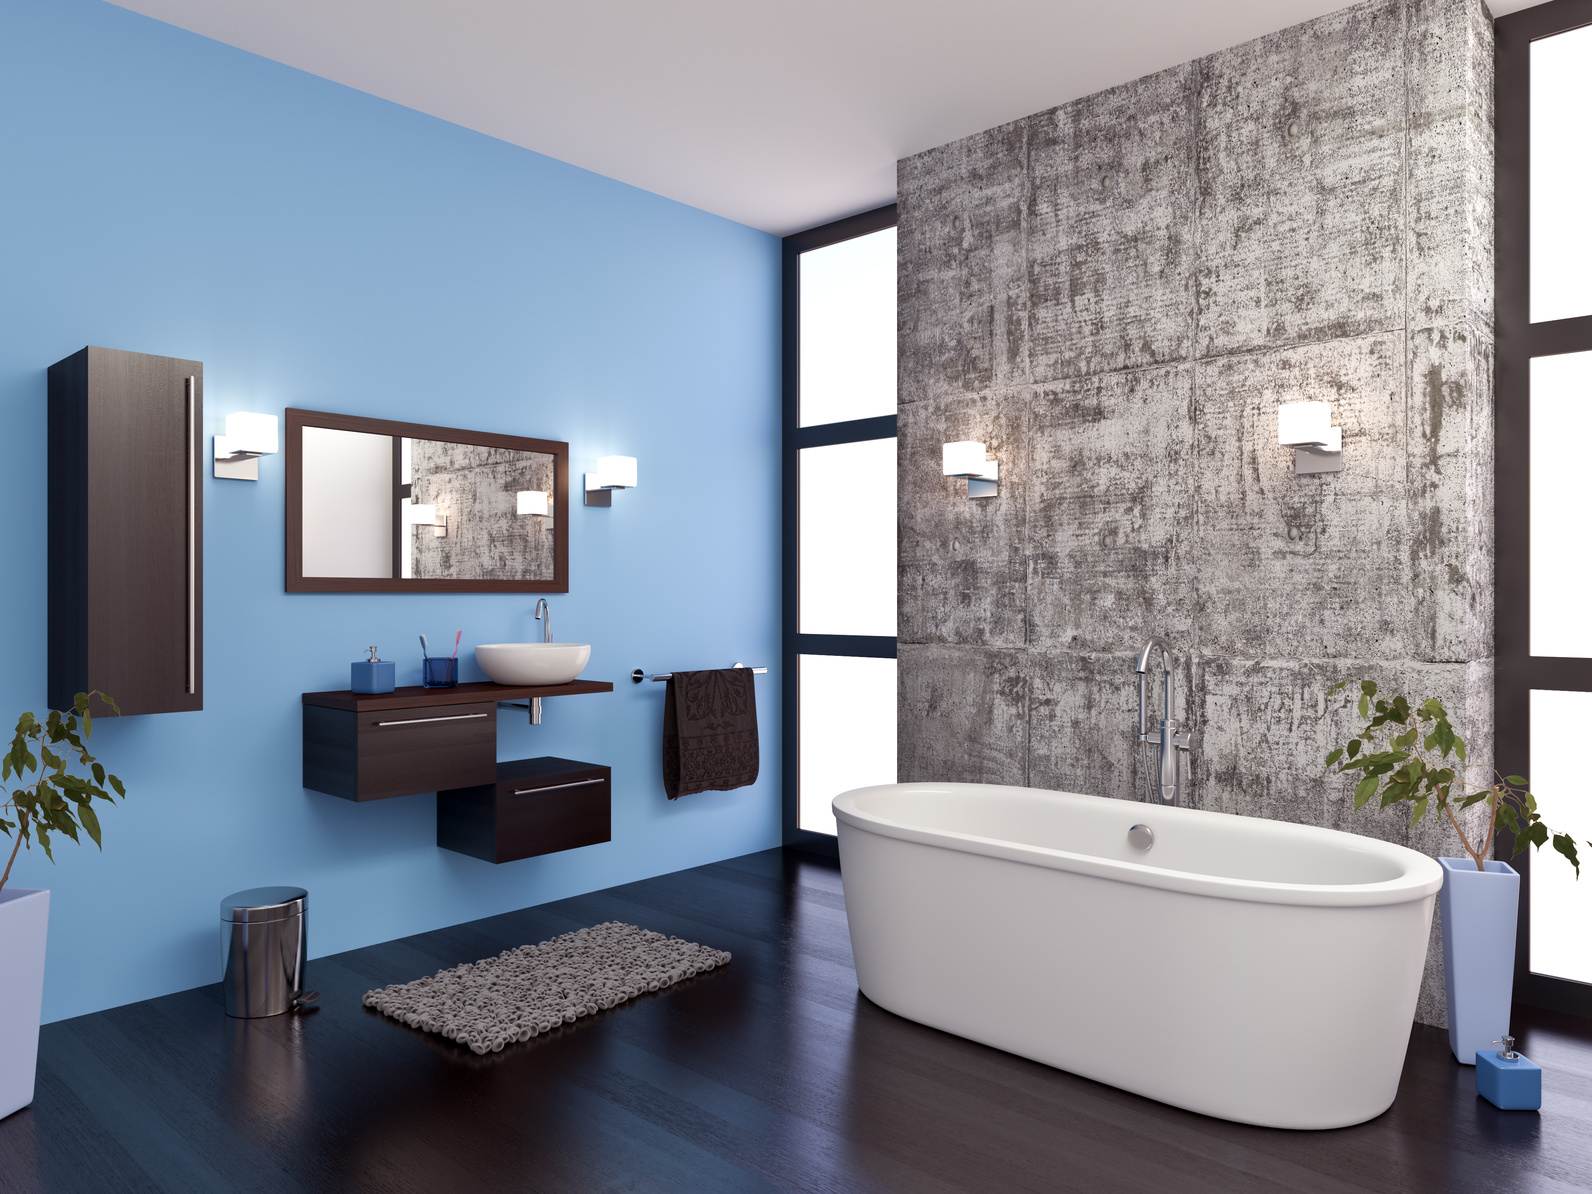 couleur peinture salle de bain